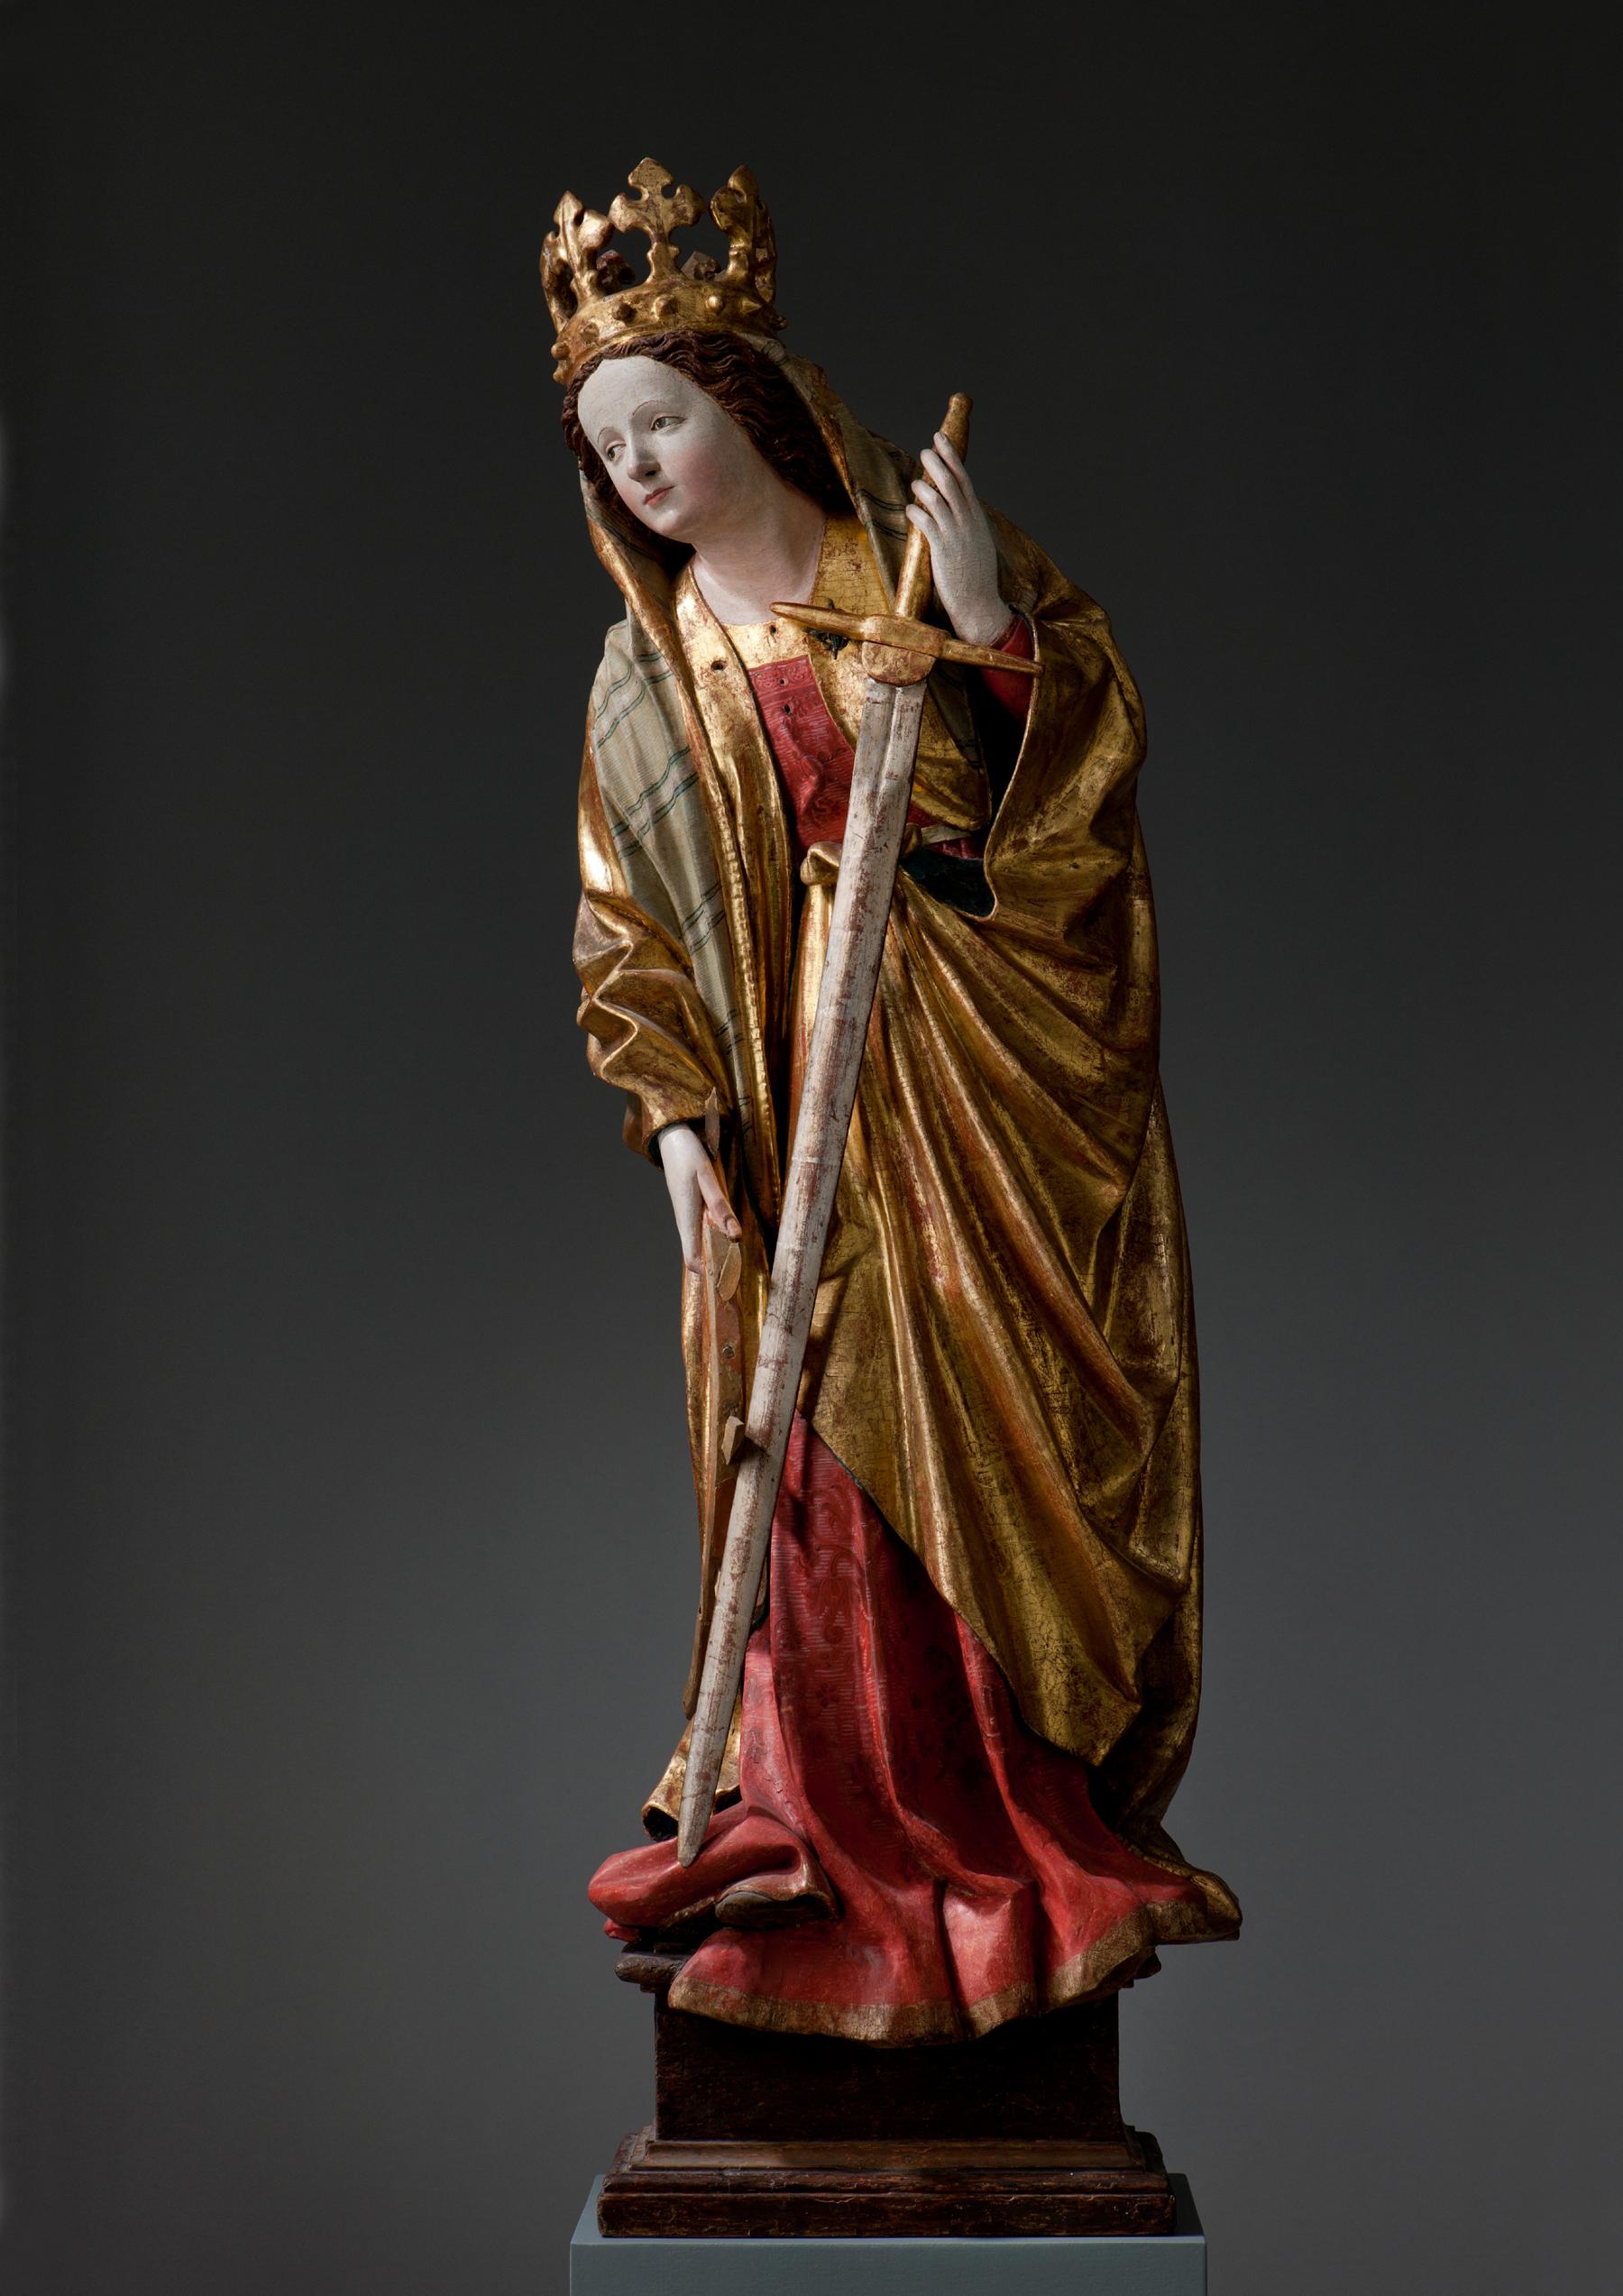 Skulptur der hl. Katharina von Alexandrien, um 1450. (c) Landesmuseum Württemberg, Stuttgart. Foto: Hendrik Zwietasch